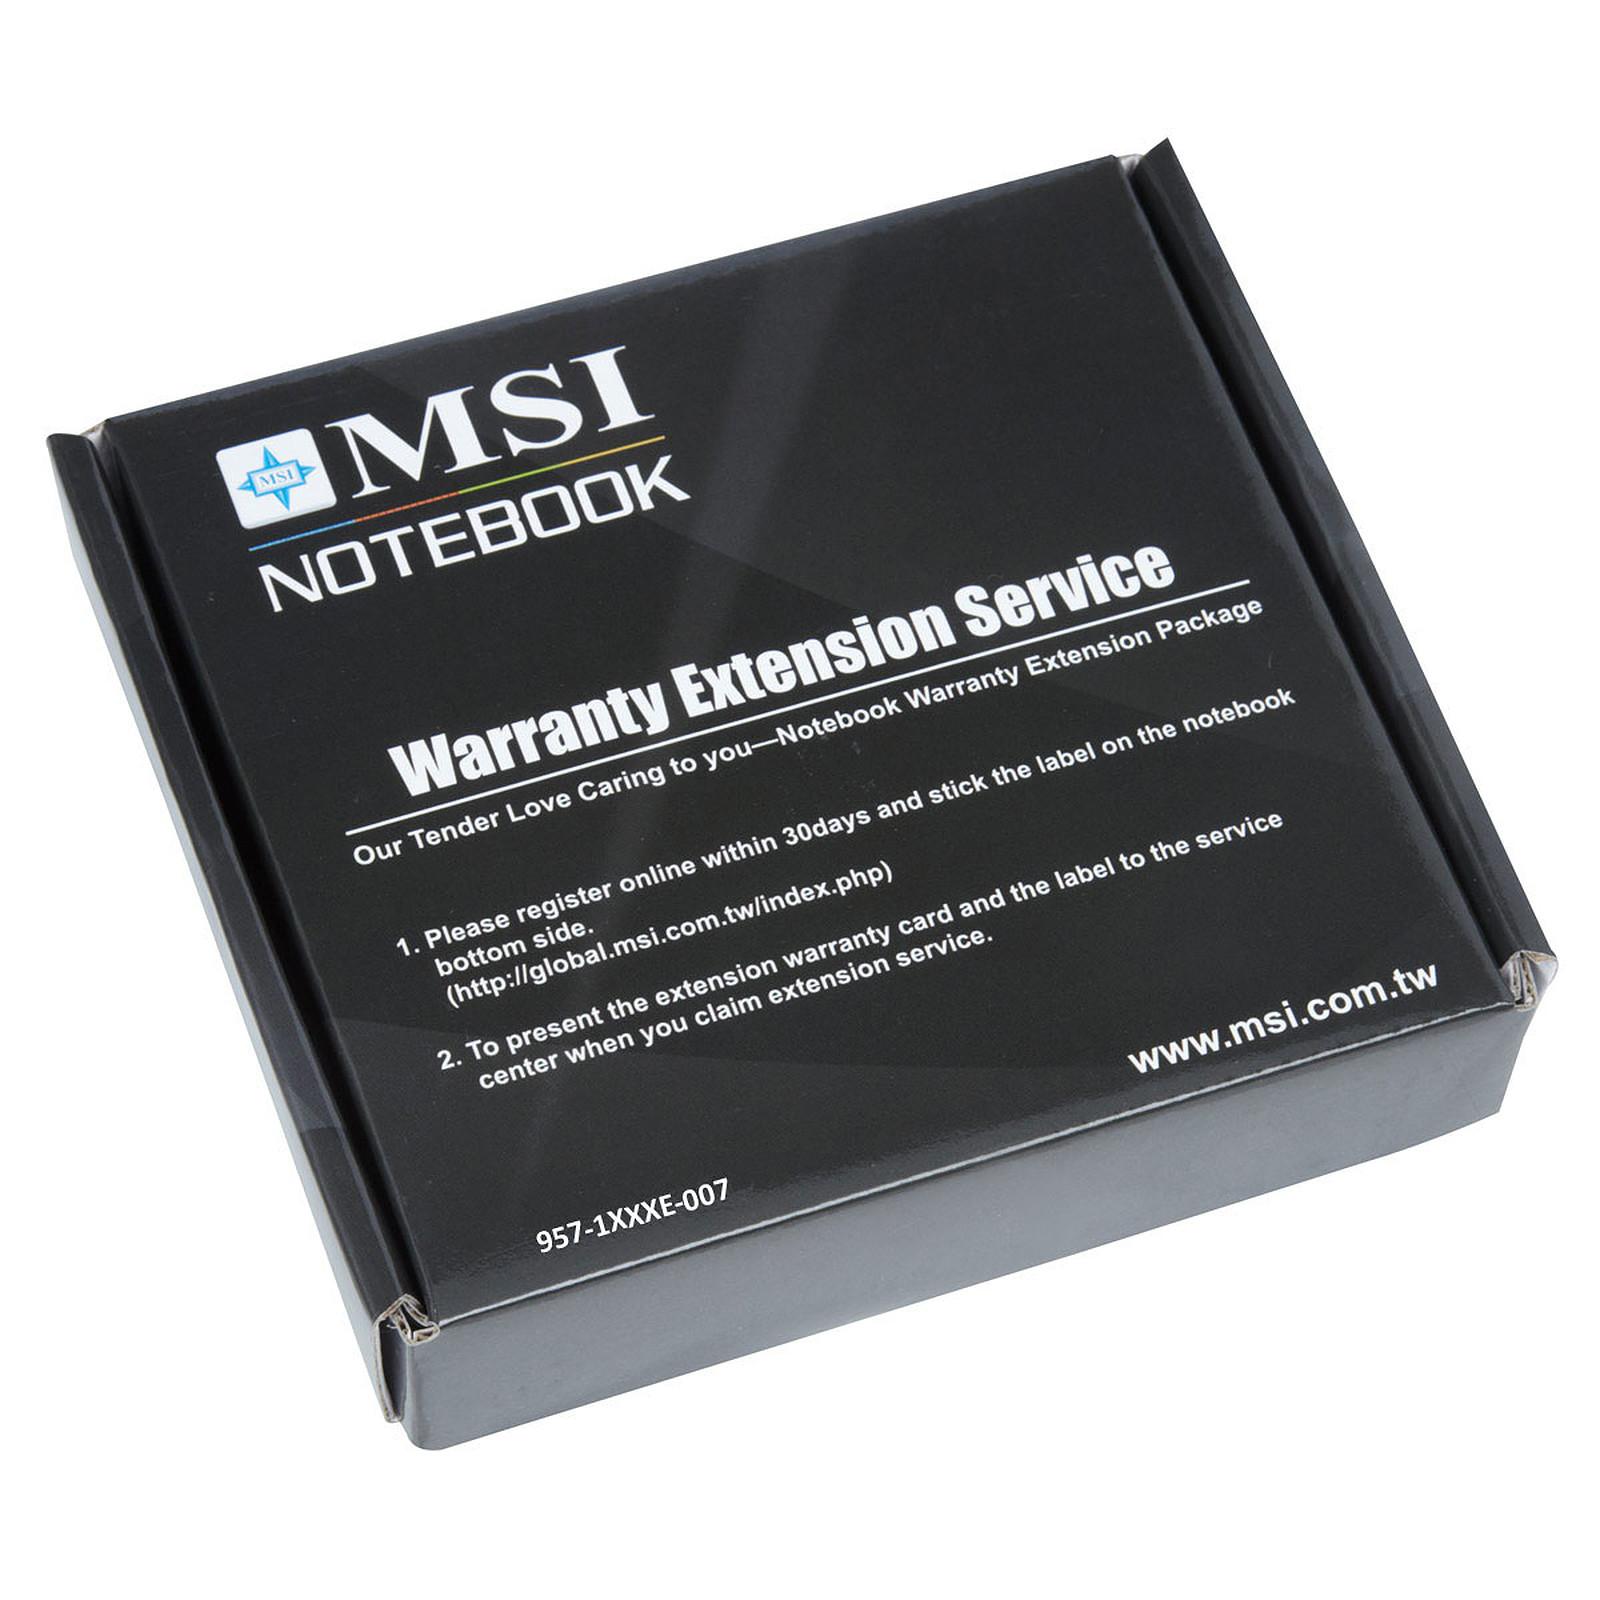 MSI 957-1XXXXE-007 - Extension de garantie 1 an supplémentaire